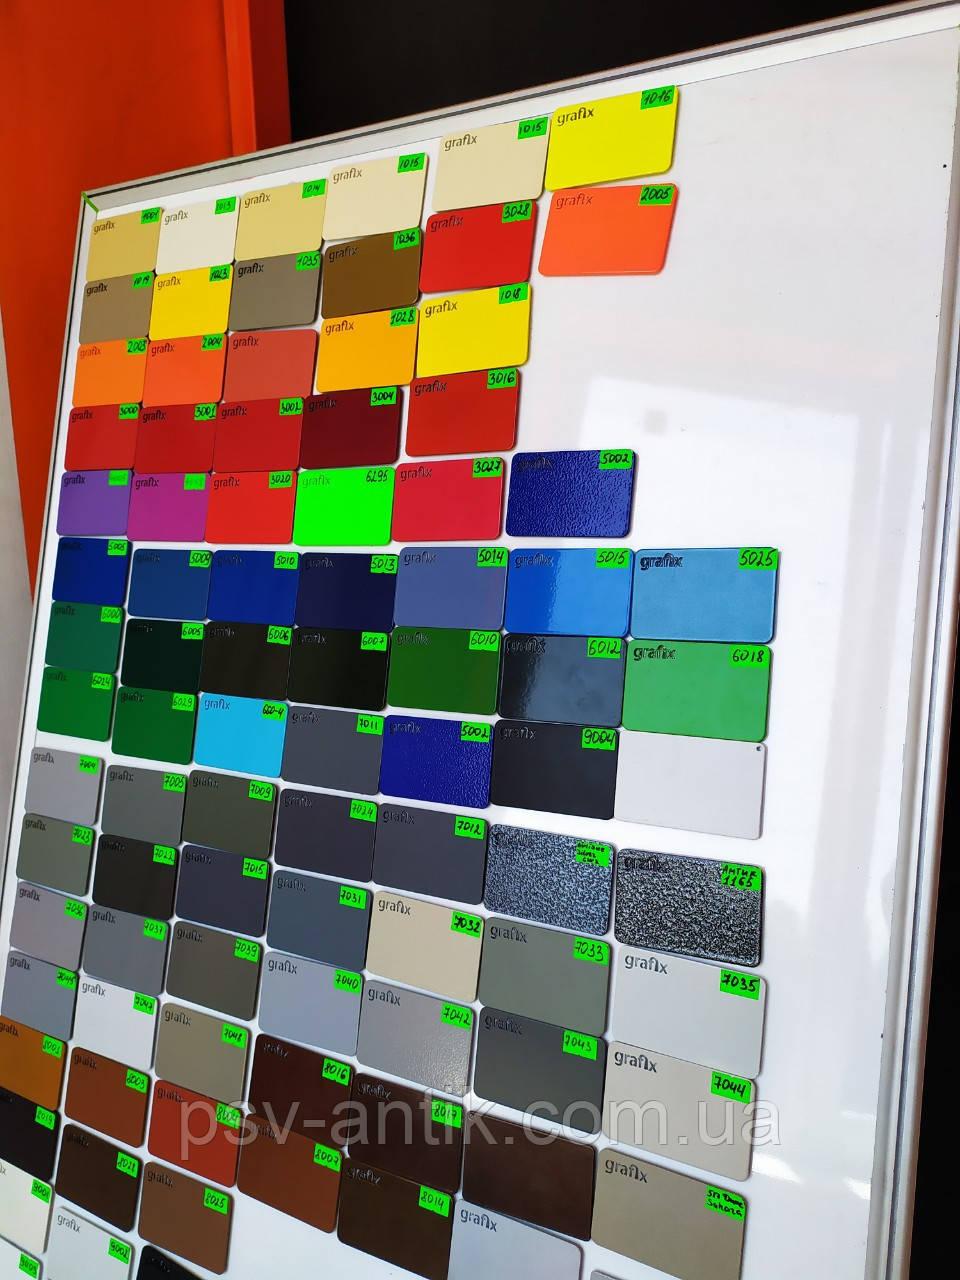 Порошковая краска глянцевая, полиэфирная, индустриальная, 5015